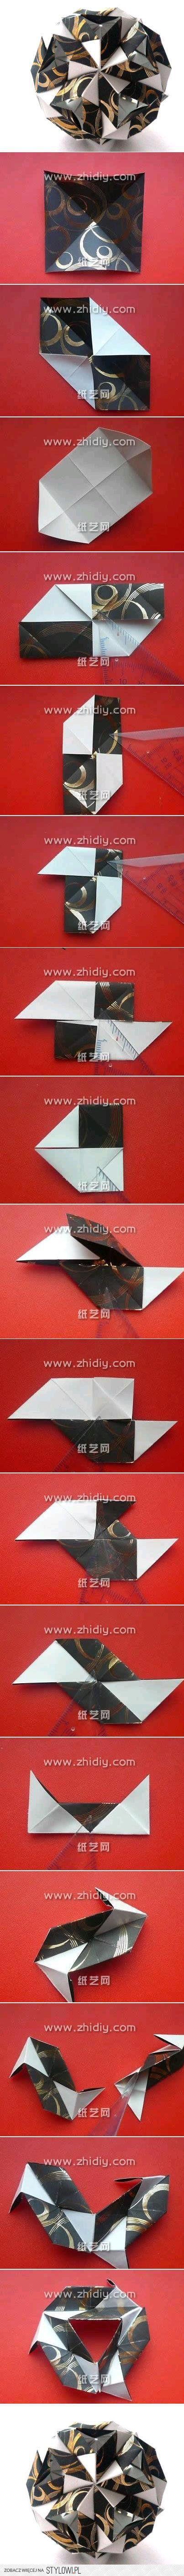 Kusudama Origami Folding Instructions Lantern | Origami ... The Stylowi.pl